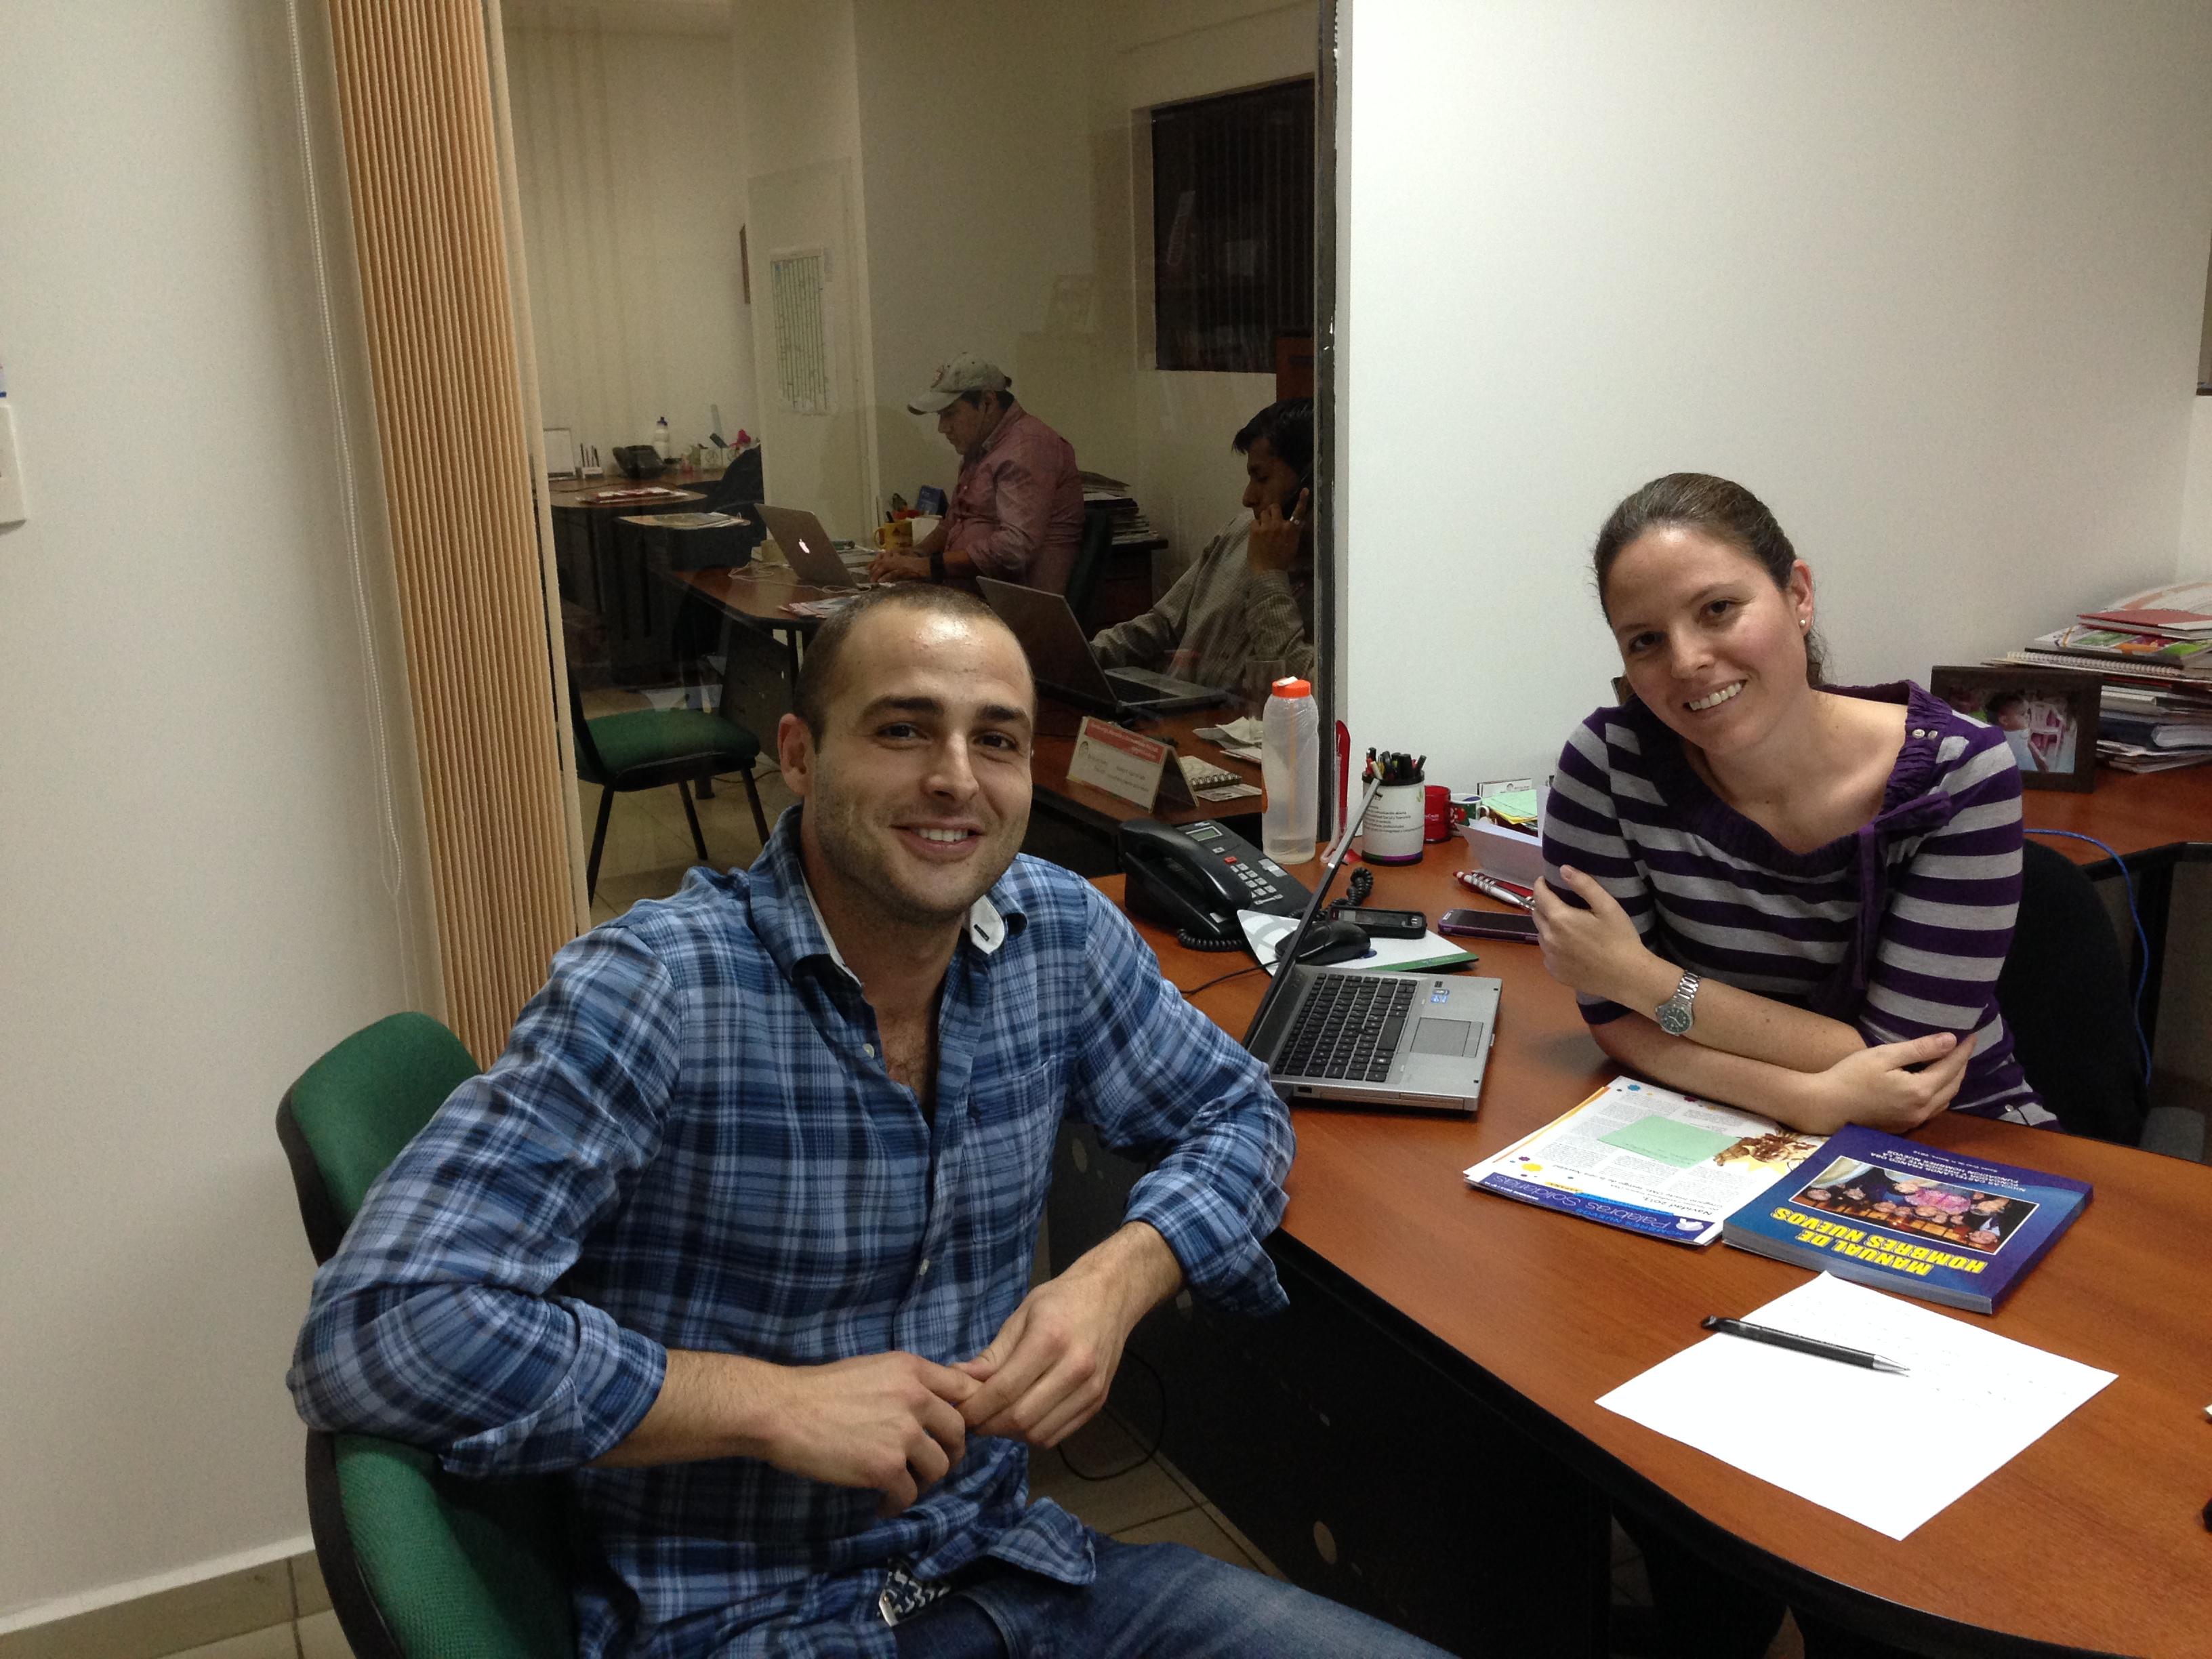 Con Pamela Fernanda Aimaretti San Martín (Jefe de Marketing) de Banco Los Andes ProCredit